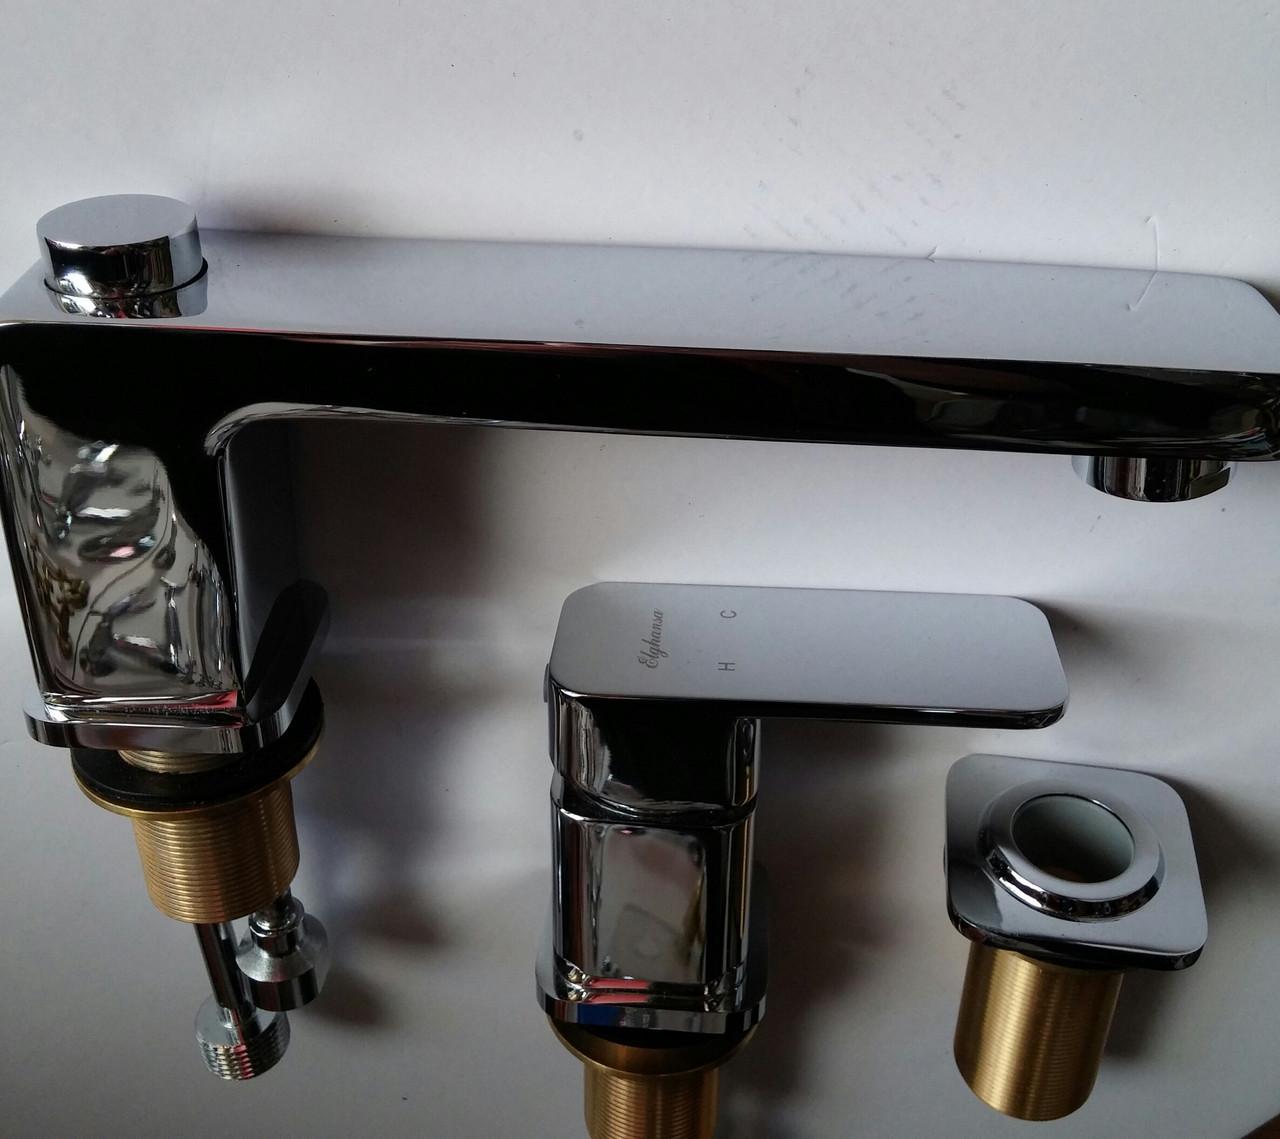 Смеситель на борт ванны врезной купить в калькулятор ремонт ванной комнаты